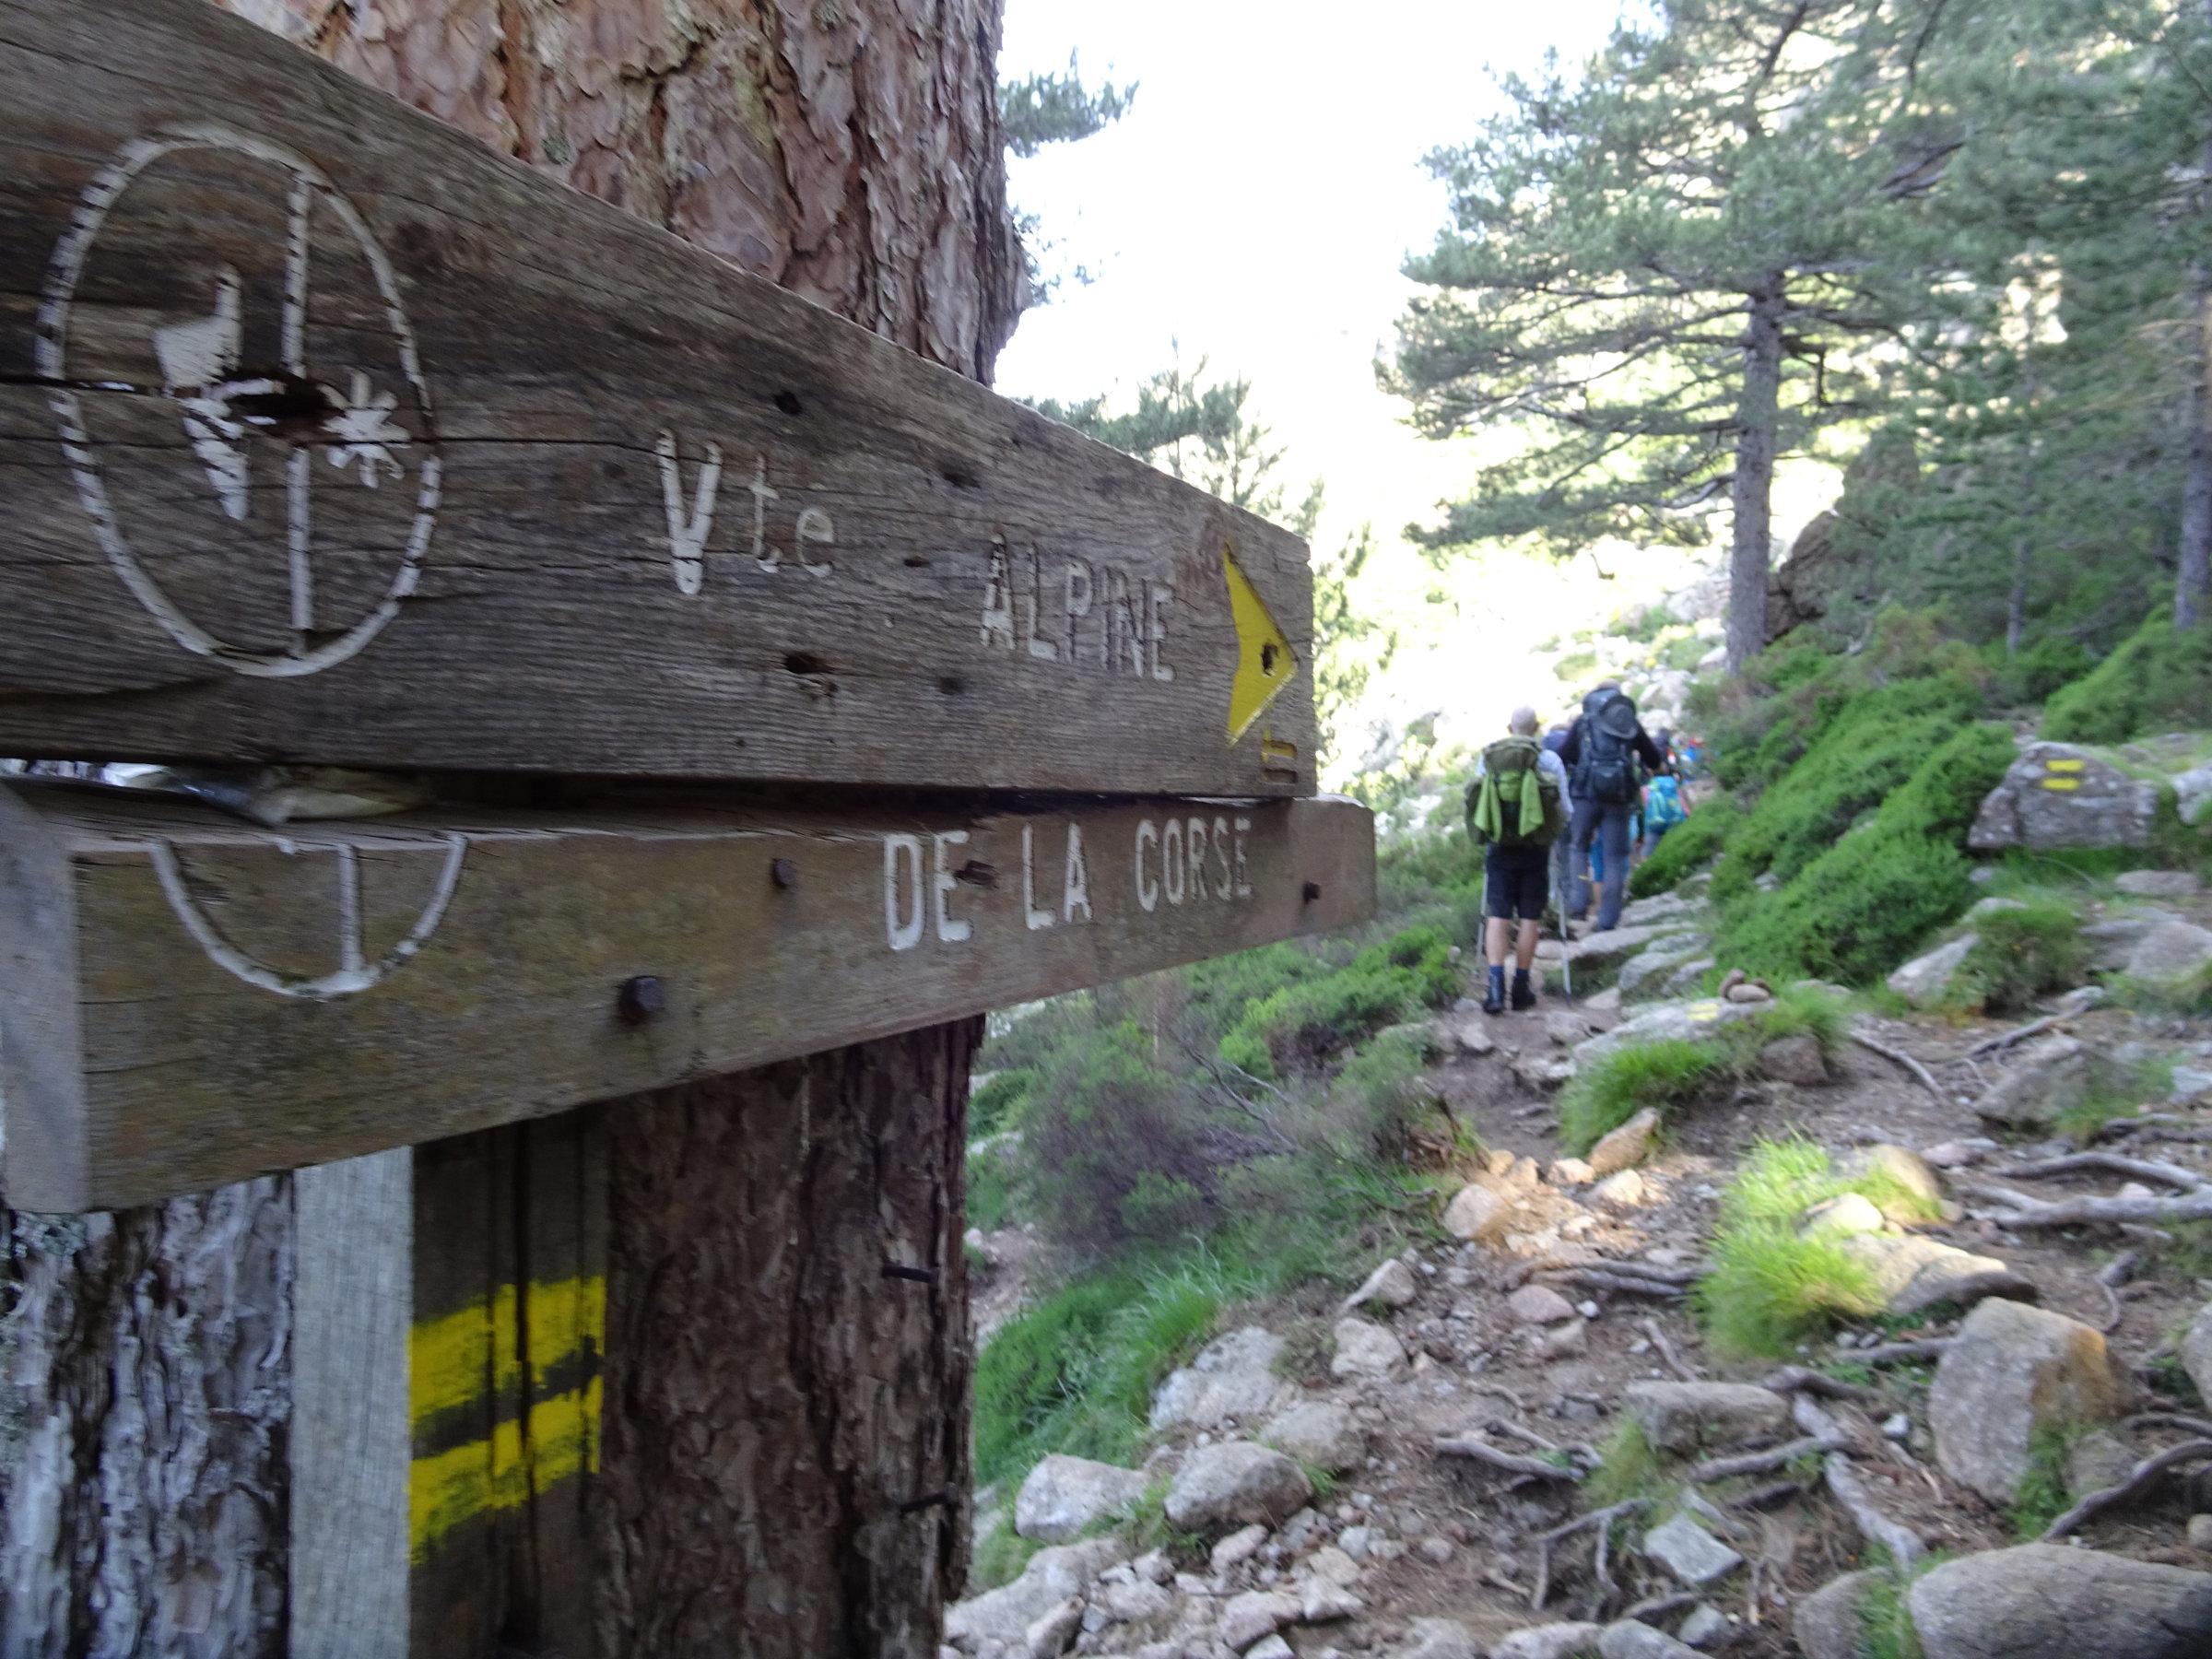 Gelb markierte alpine Alternative zum GR20, Korsika, GR20 Weitwanderweg, Wandern, Berge, Frankreich